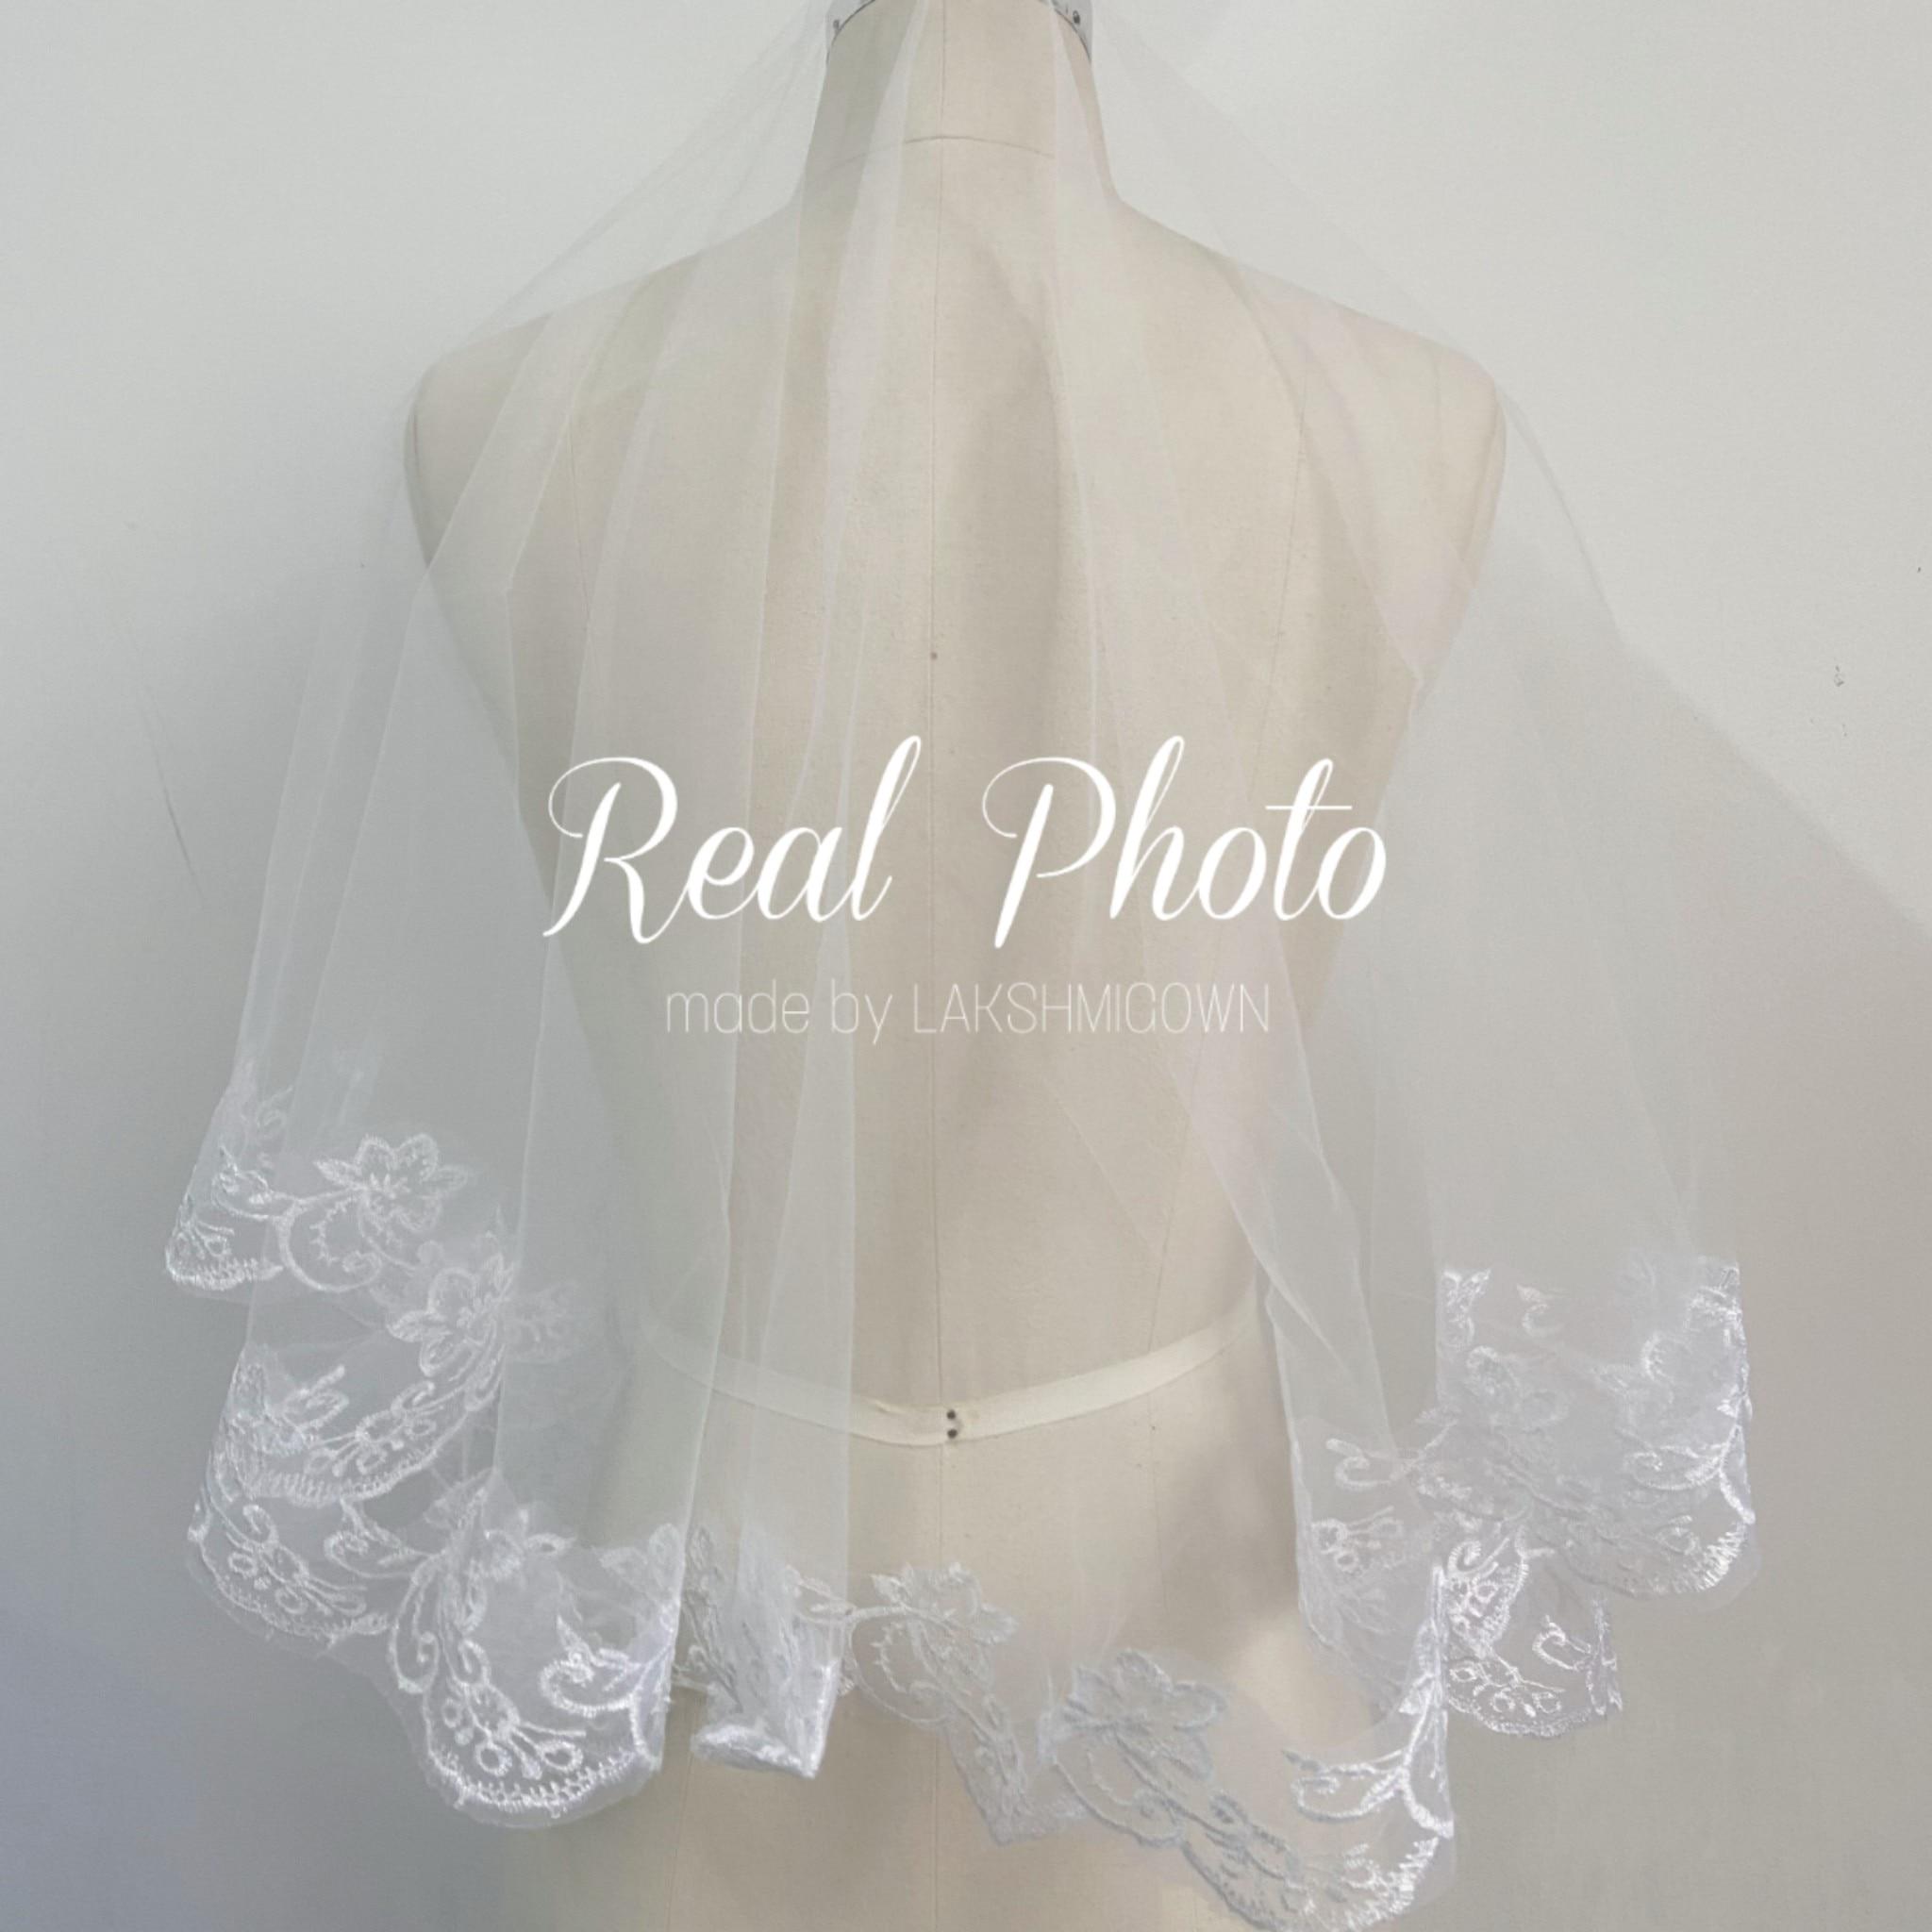 Kathedraal bruiloft witte en ivoren sluiers korte een laag - Bruiloft accessoires - Foto 4